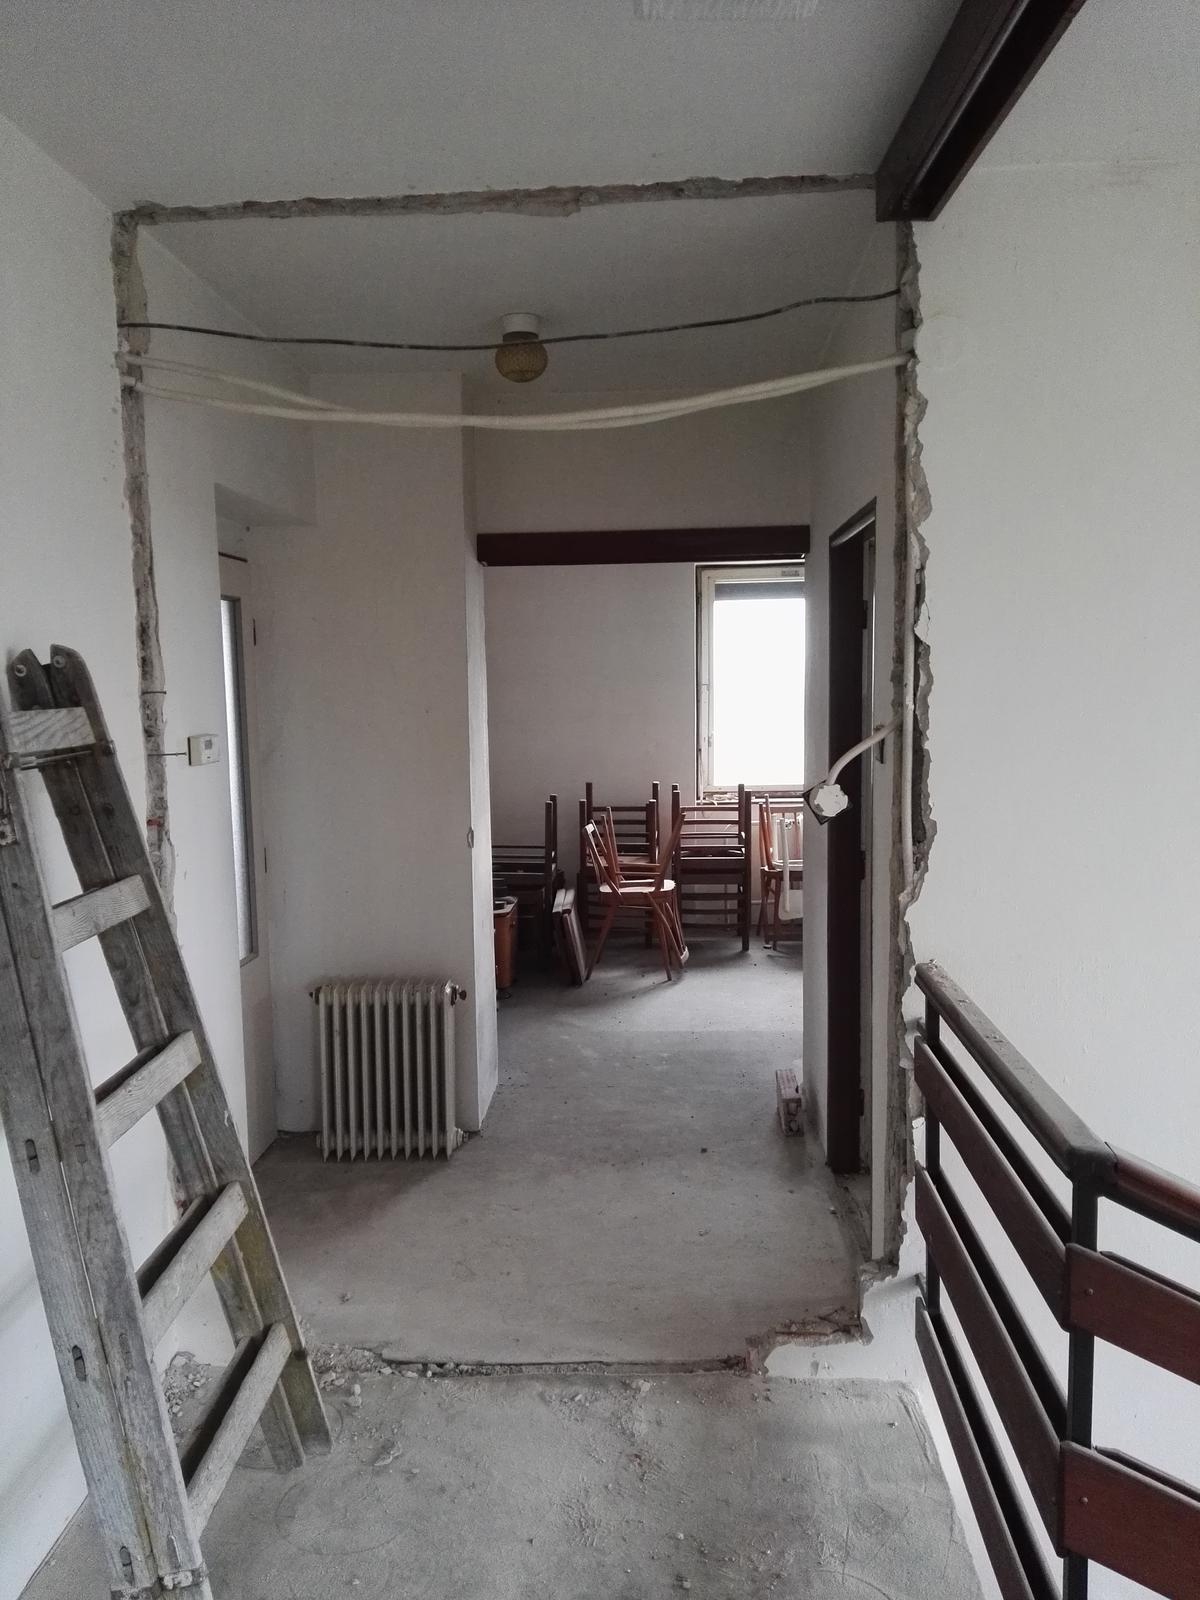 Rekonstrukcia RD - Tie vybúrané dvere na hornej chodbe asi ani nemám odfotené (ale boli tam)